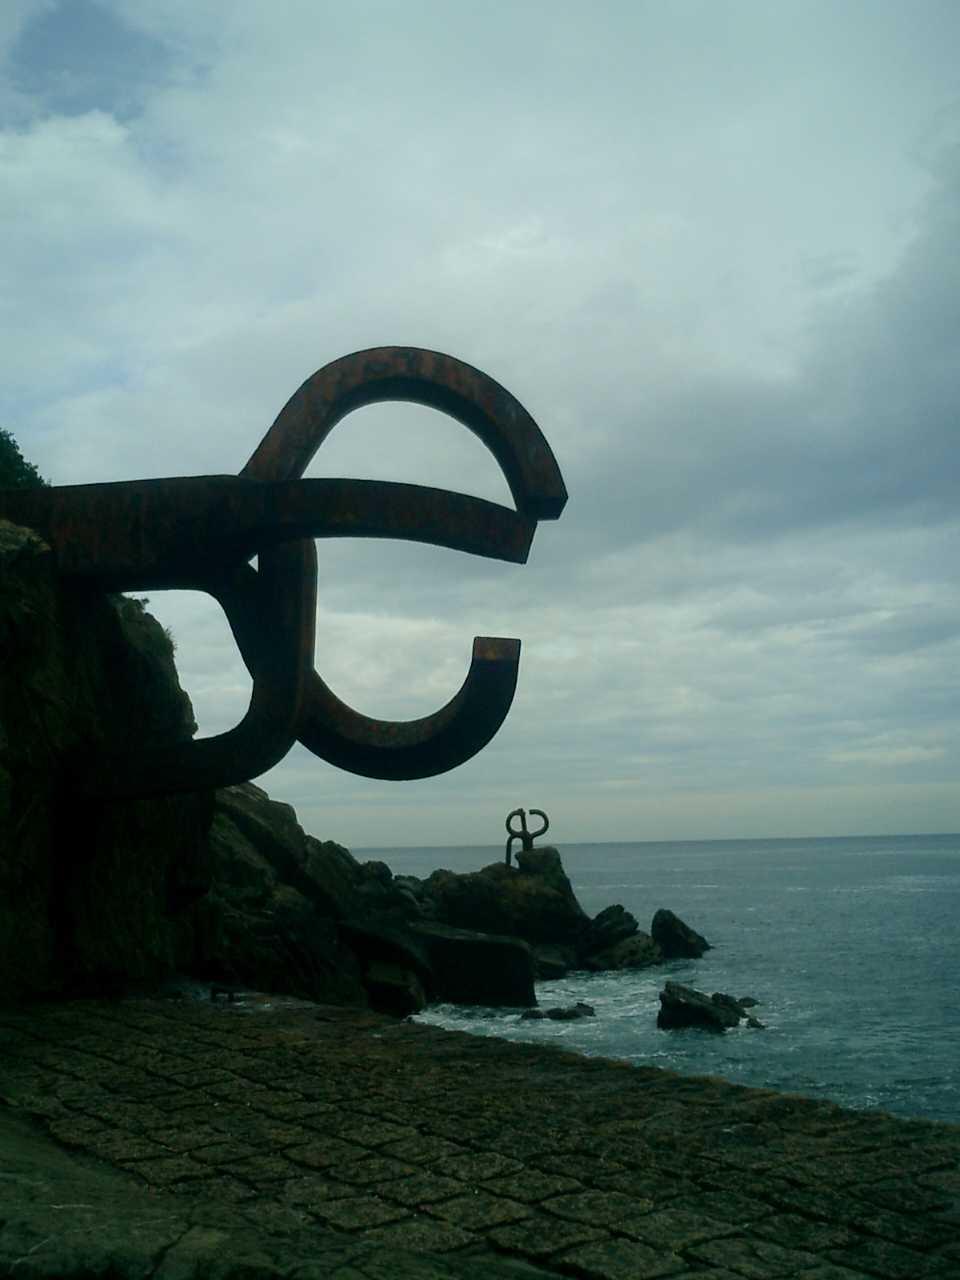 El Peine del Viento en Donostia-San Sebastián